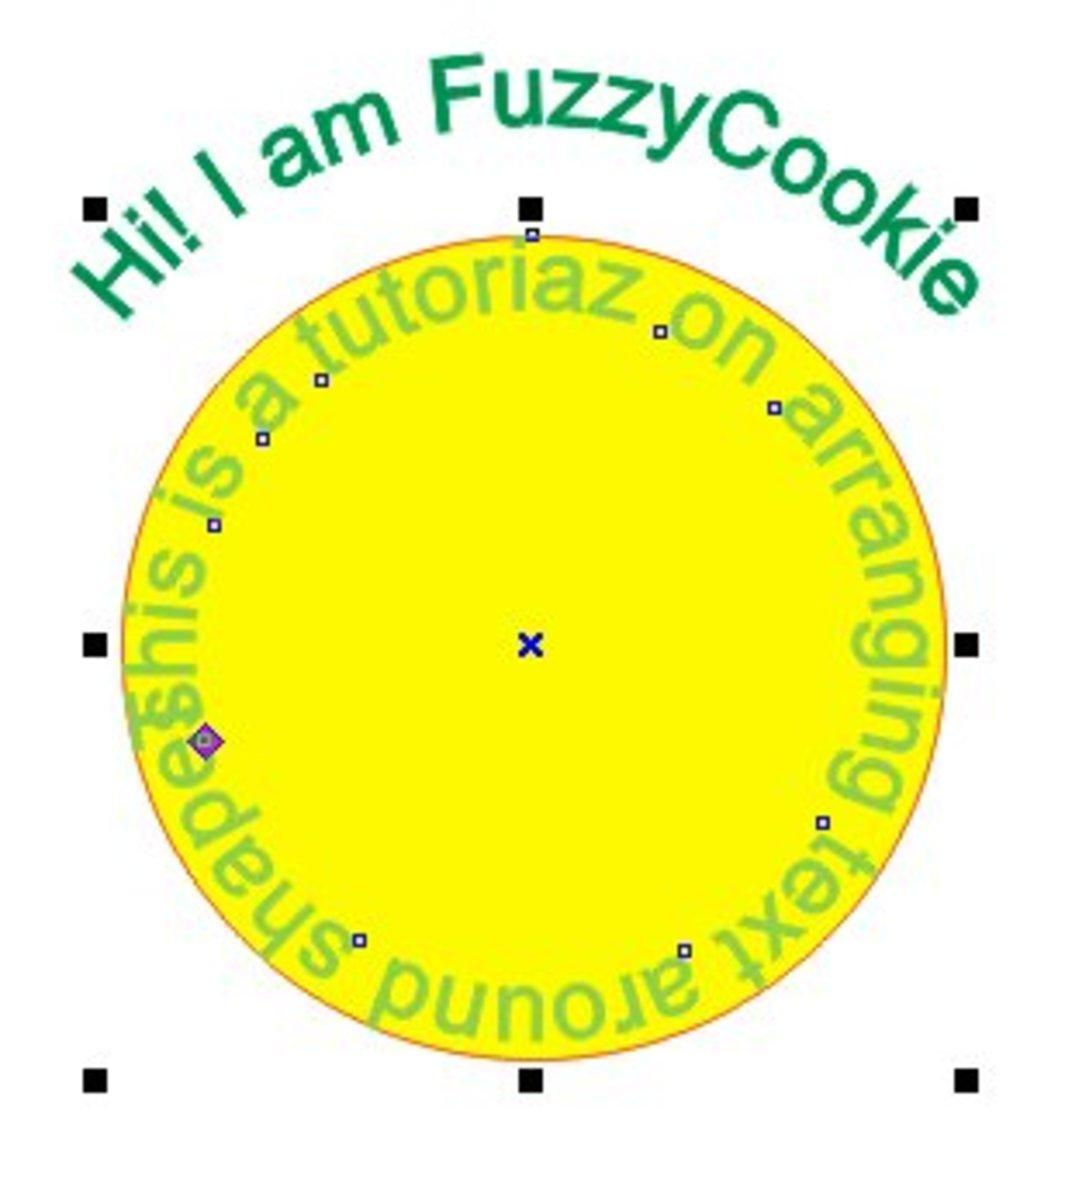 Select the circle